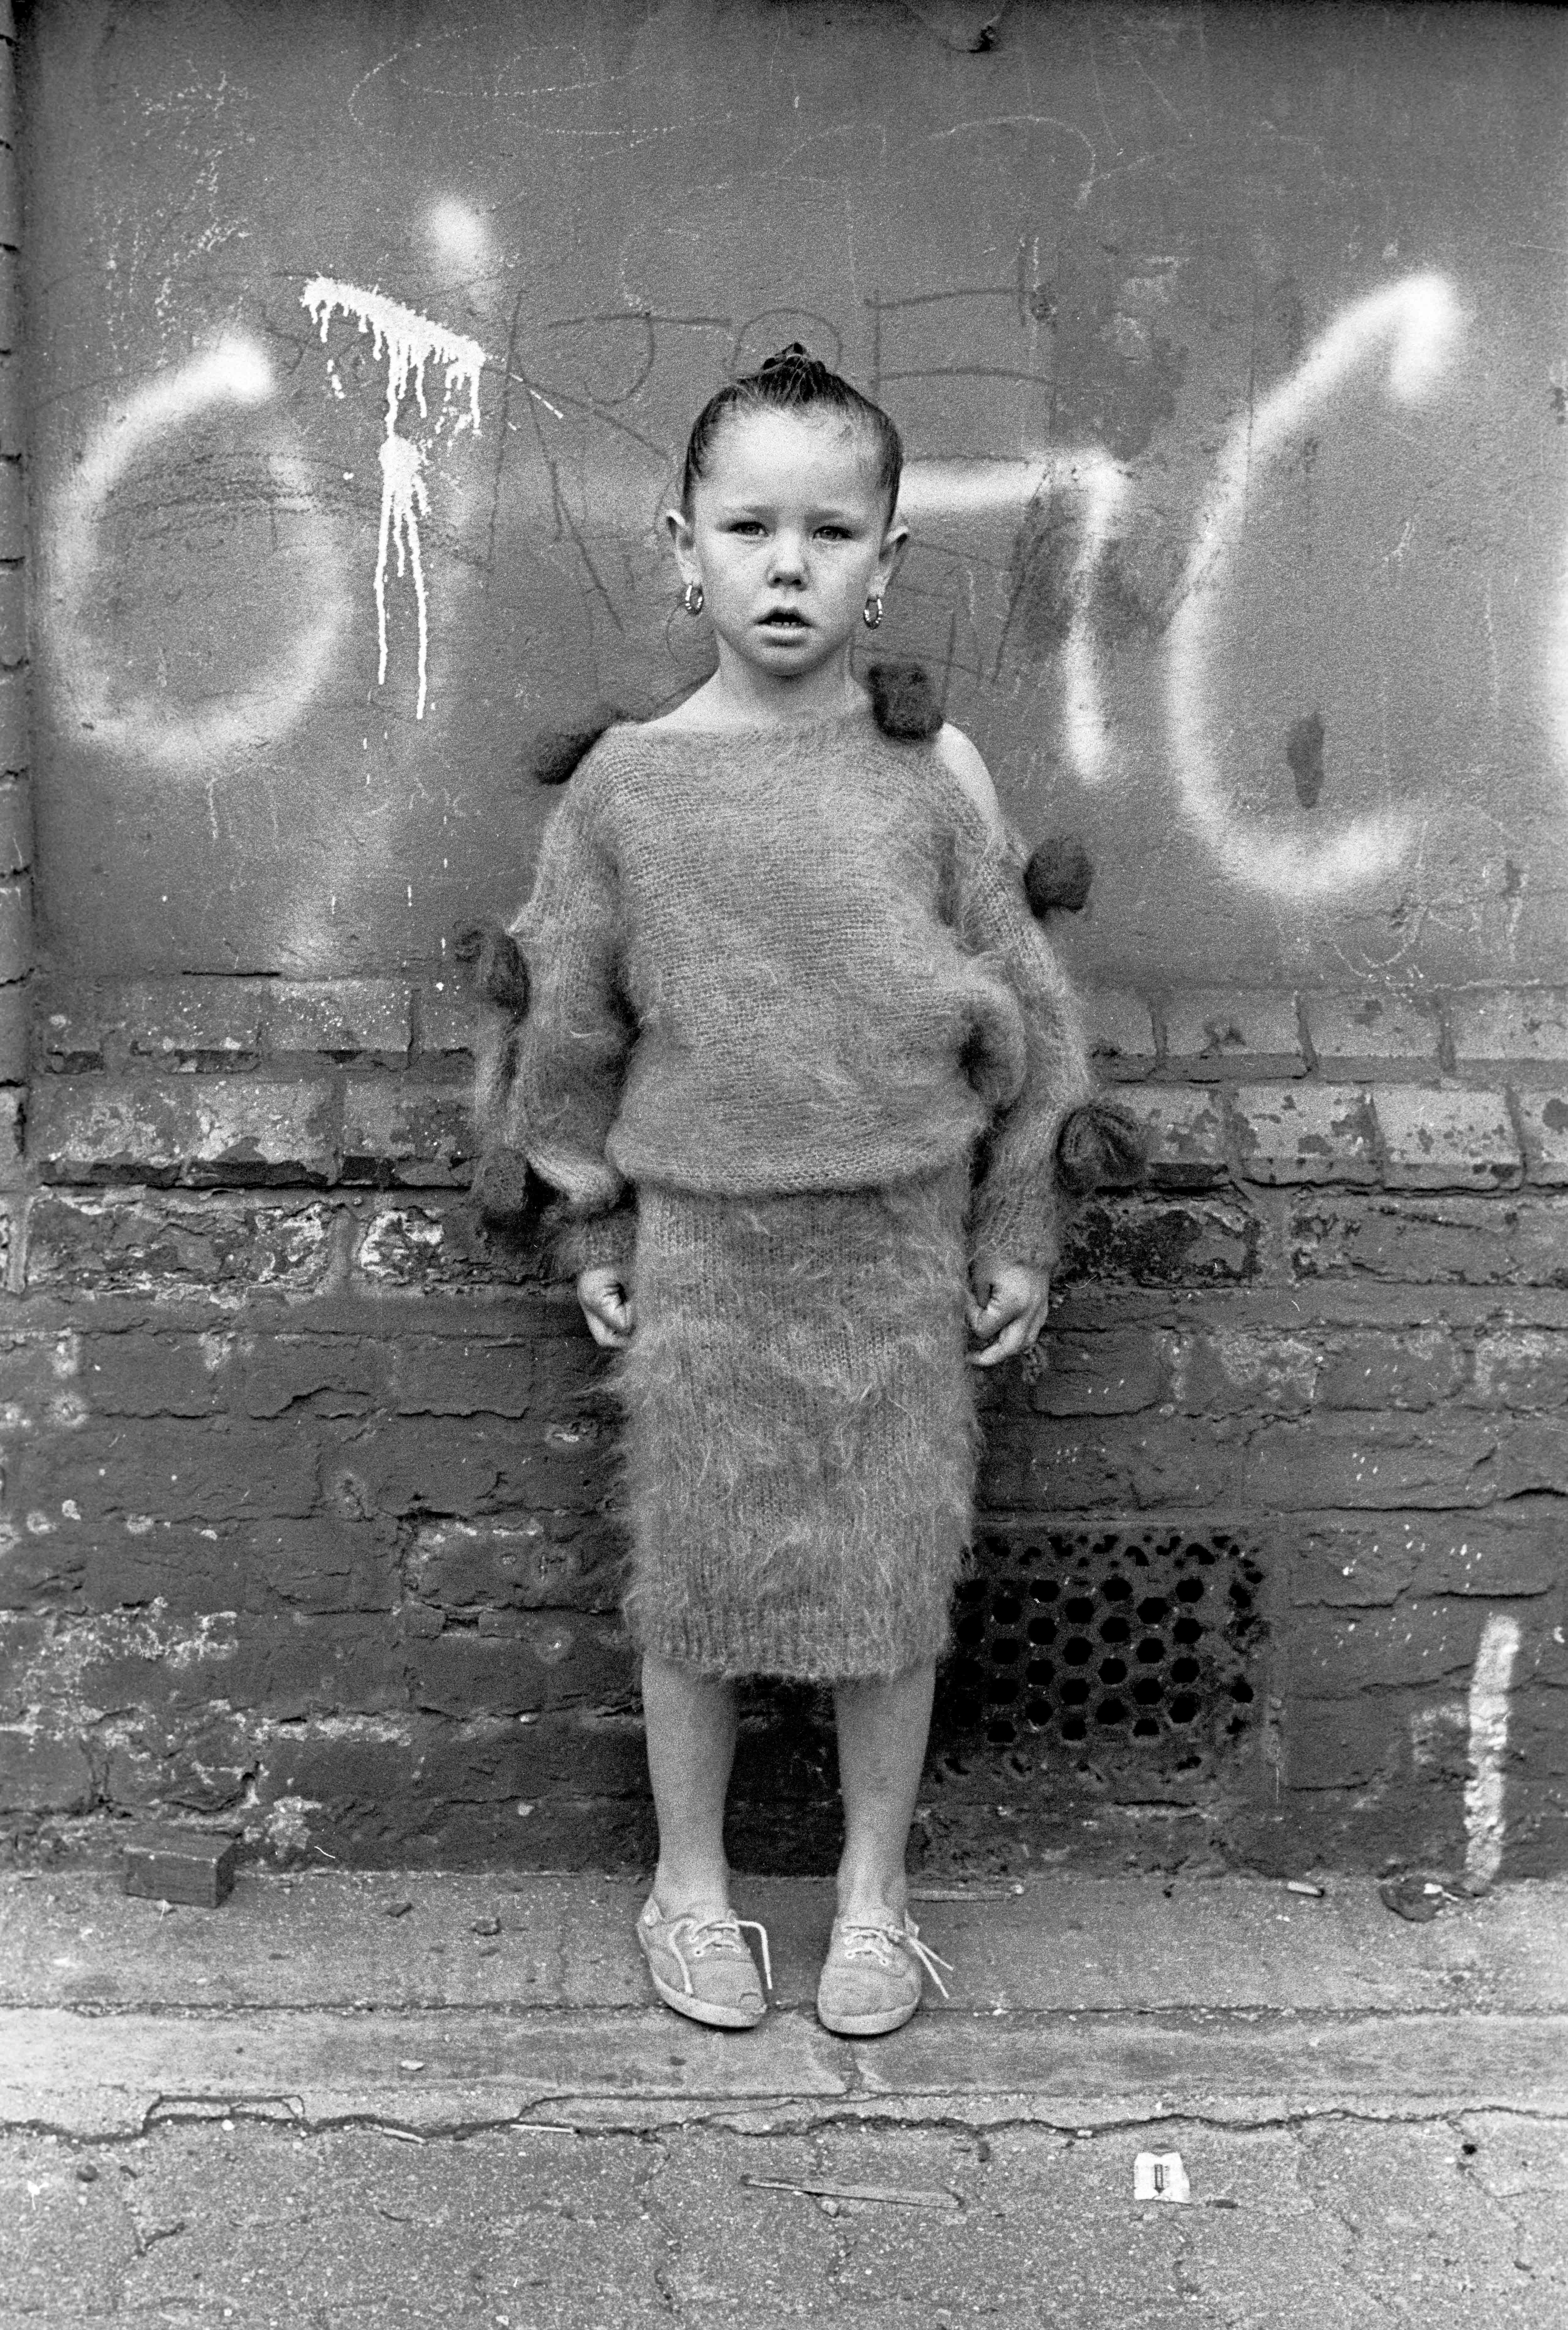 Vintage childs cumshot images 58